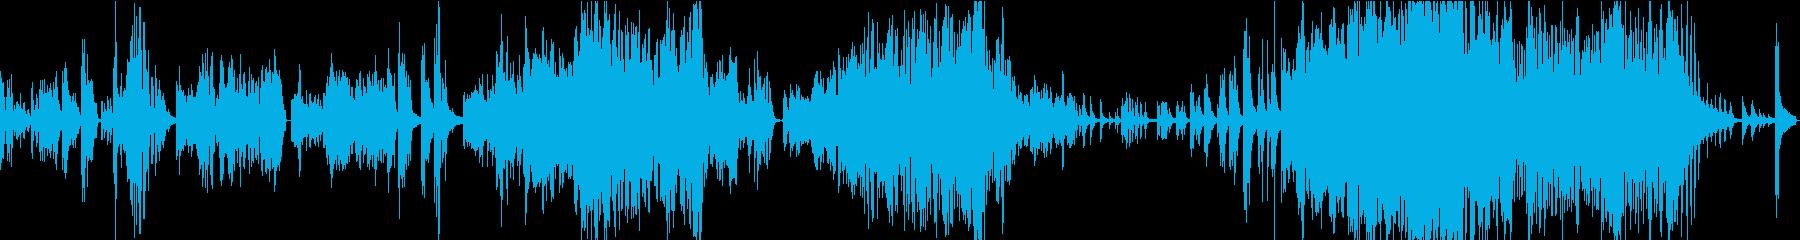 KANTピアノソロ8後期ロマン派的楽曲。の再生済みの波形